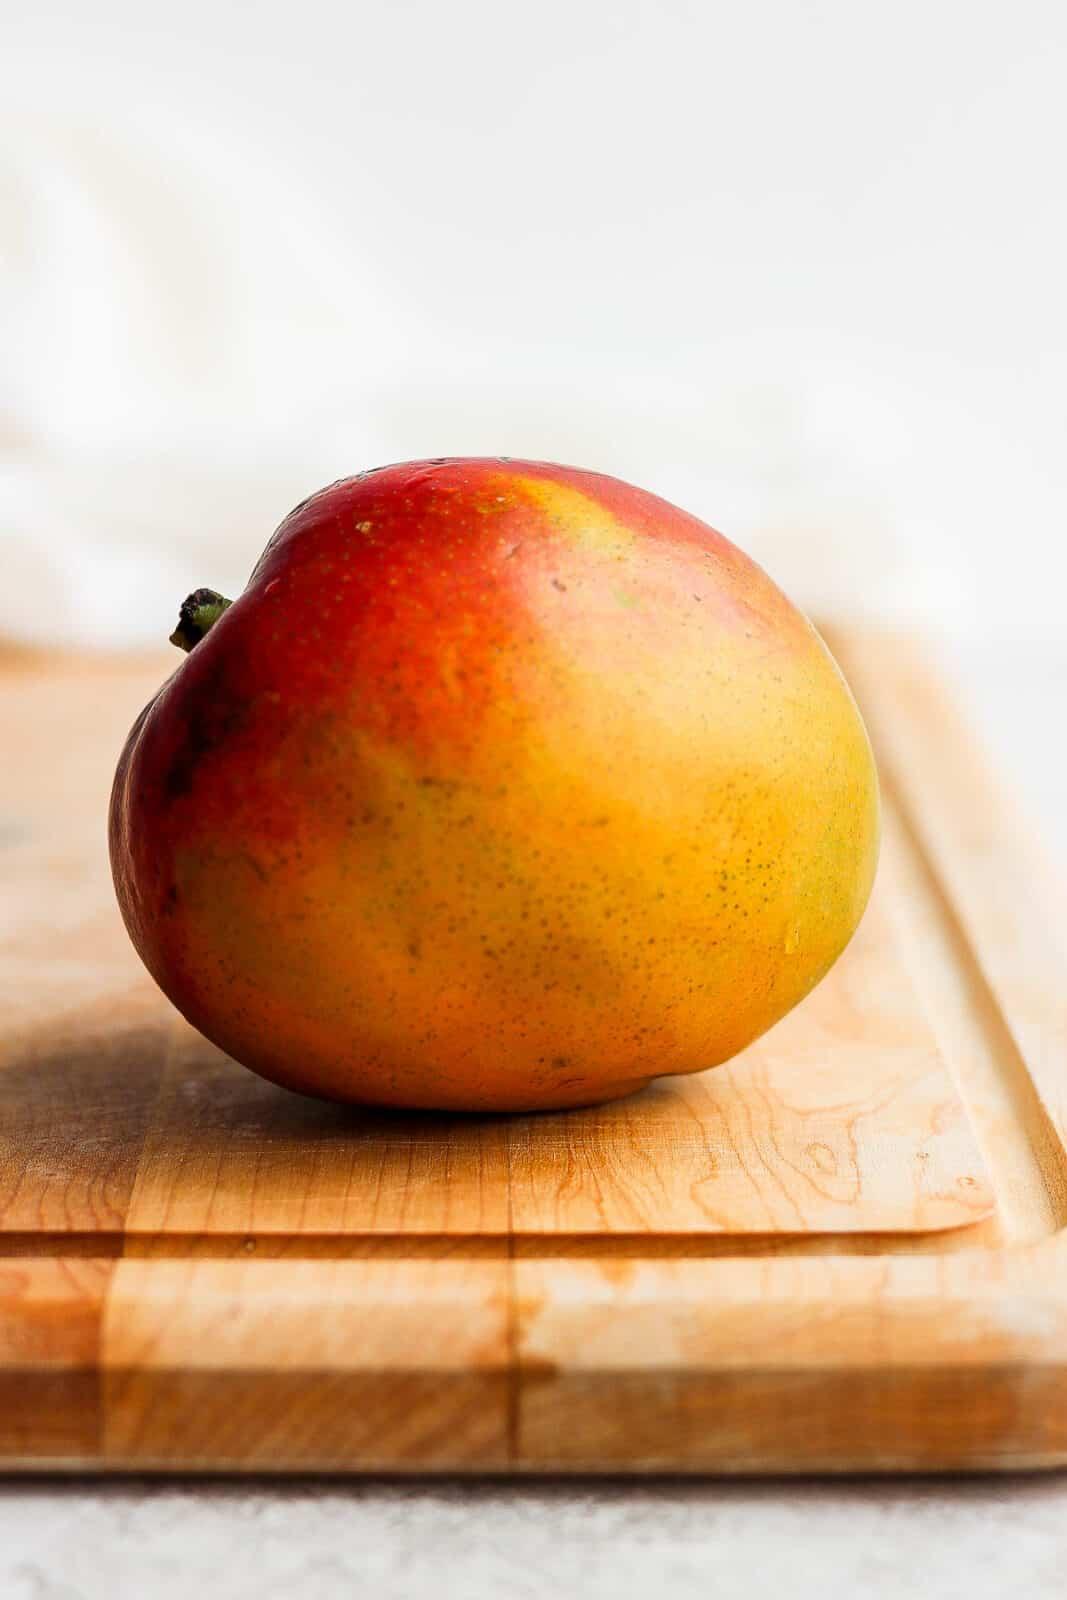 A ripe mango on a cutting board.